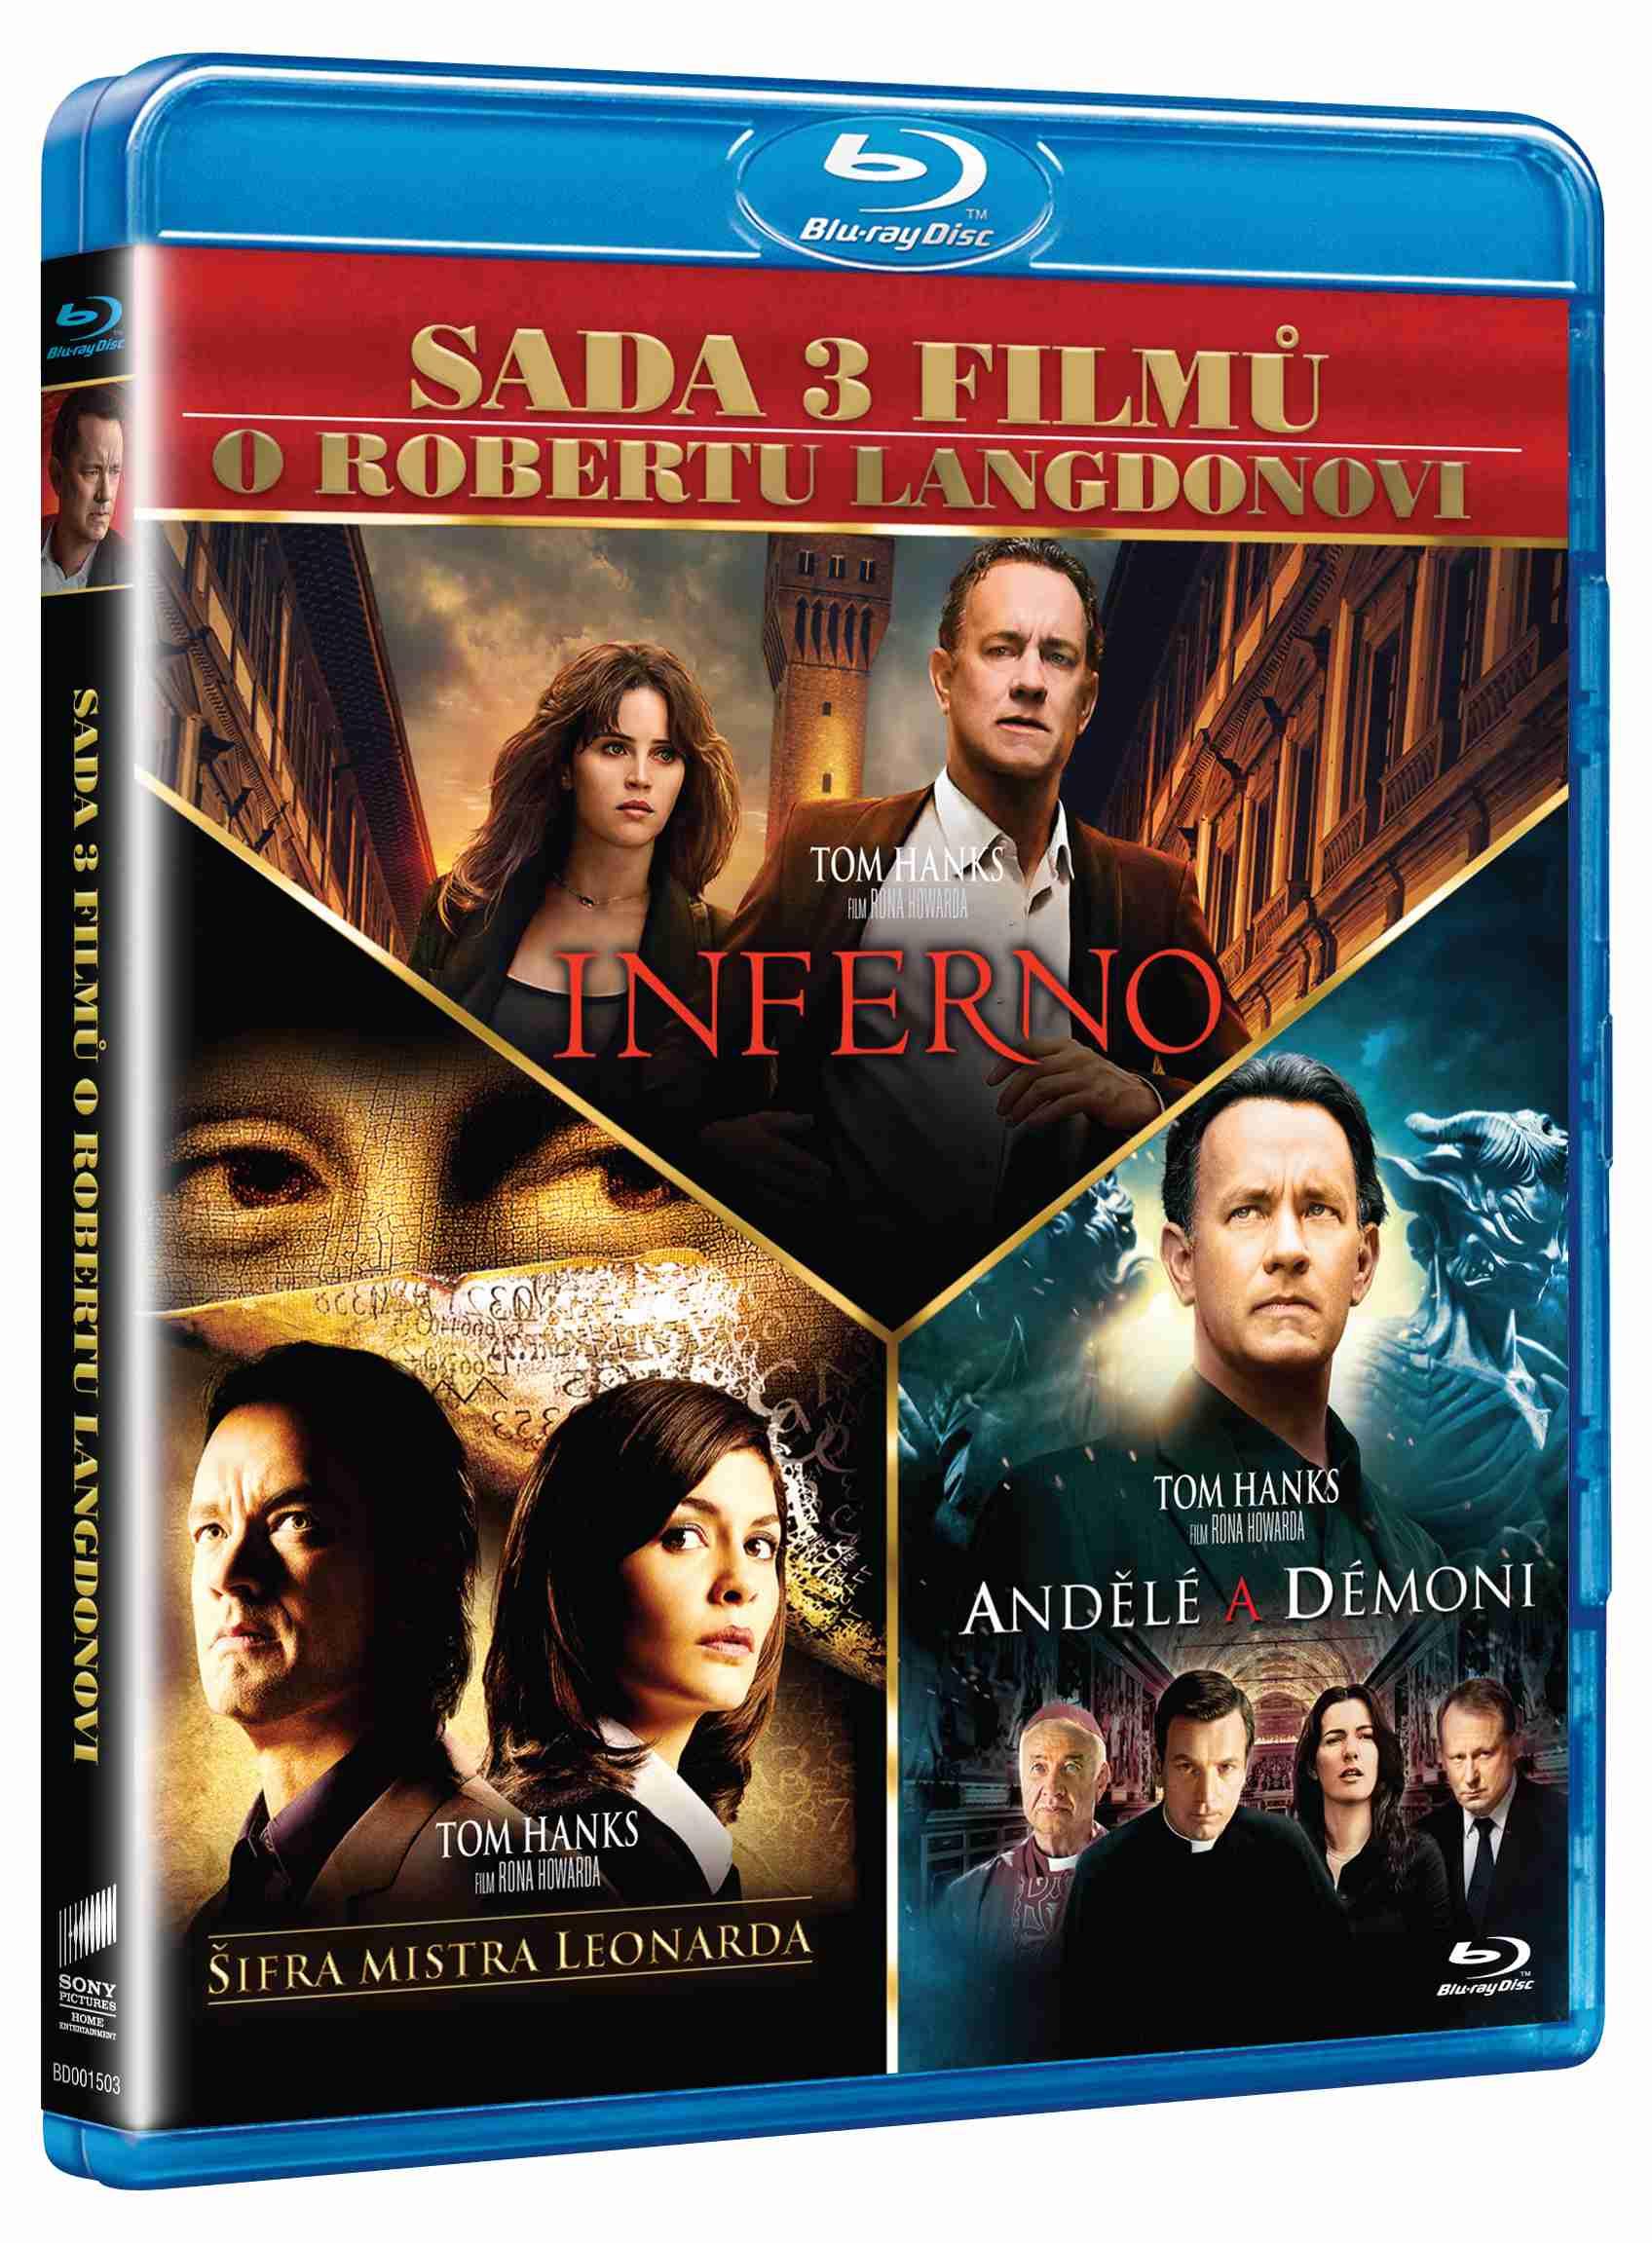 DAN BROWN KOLEKCE (Šifra mistra Leonarda, Andělé a démoni, Inferno) - Blu-ray